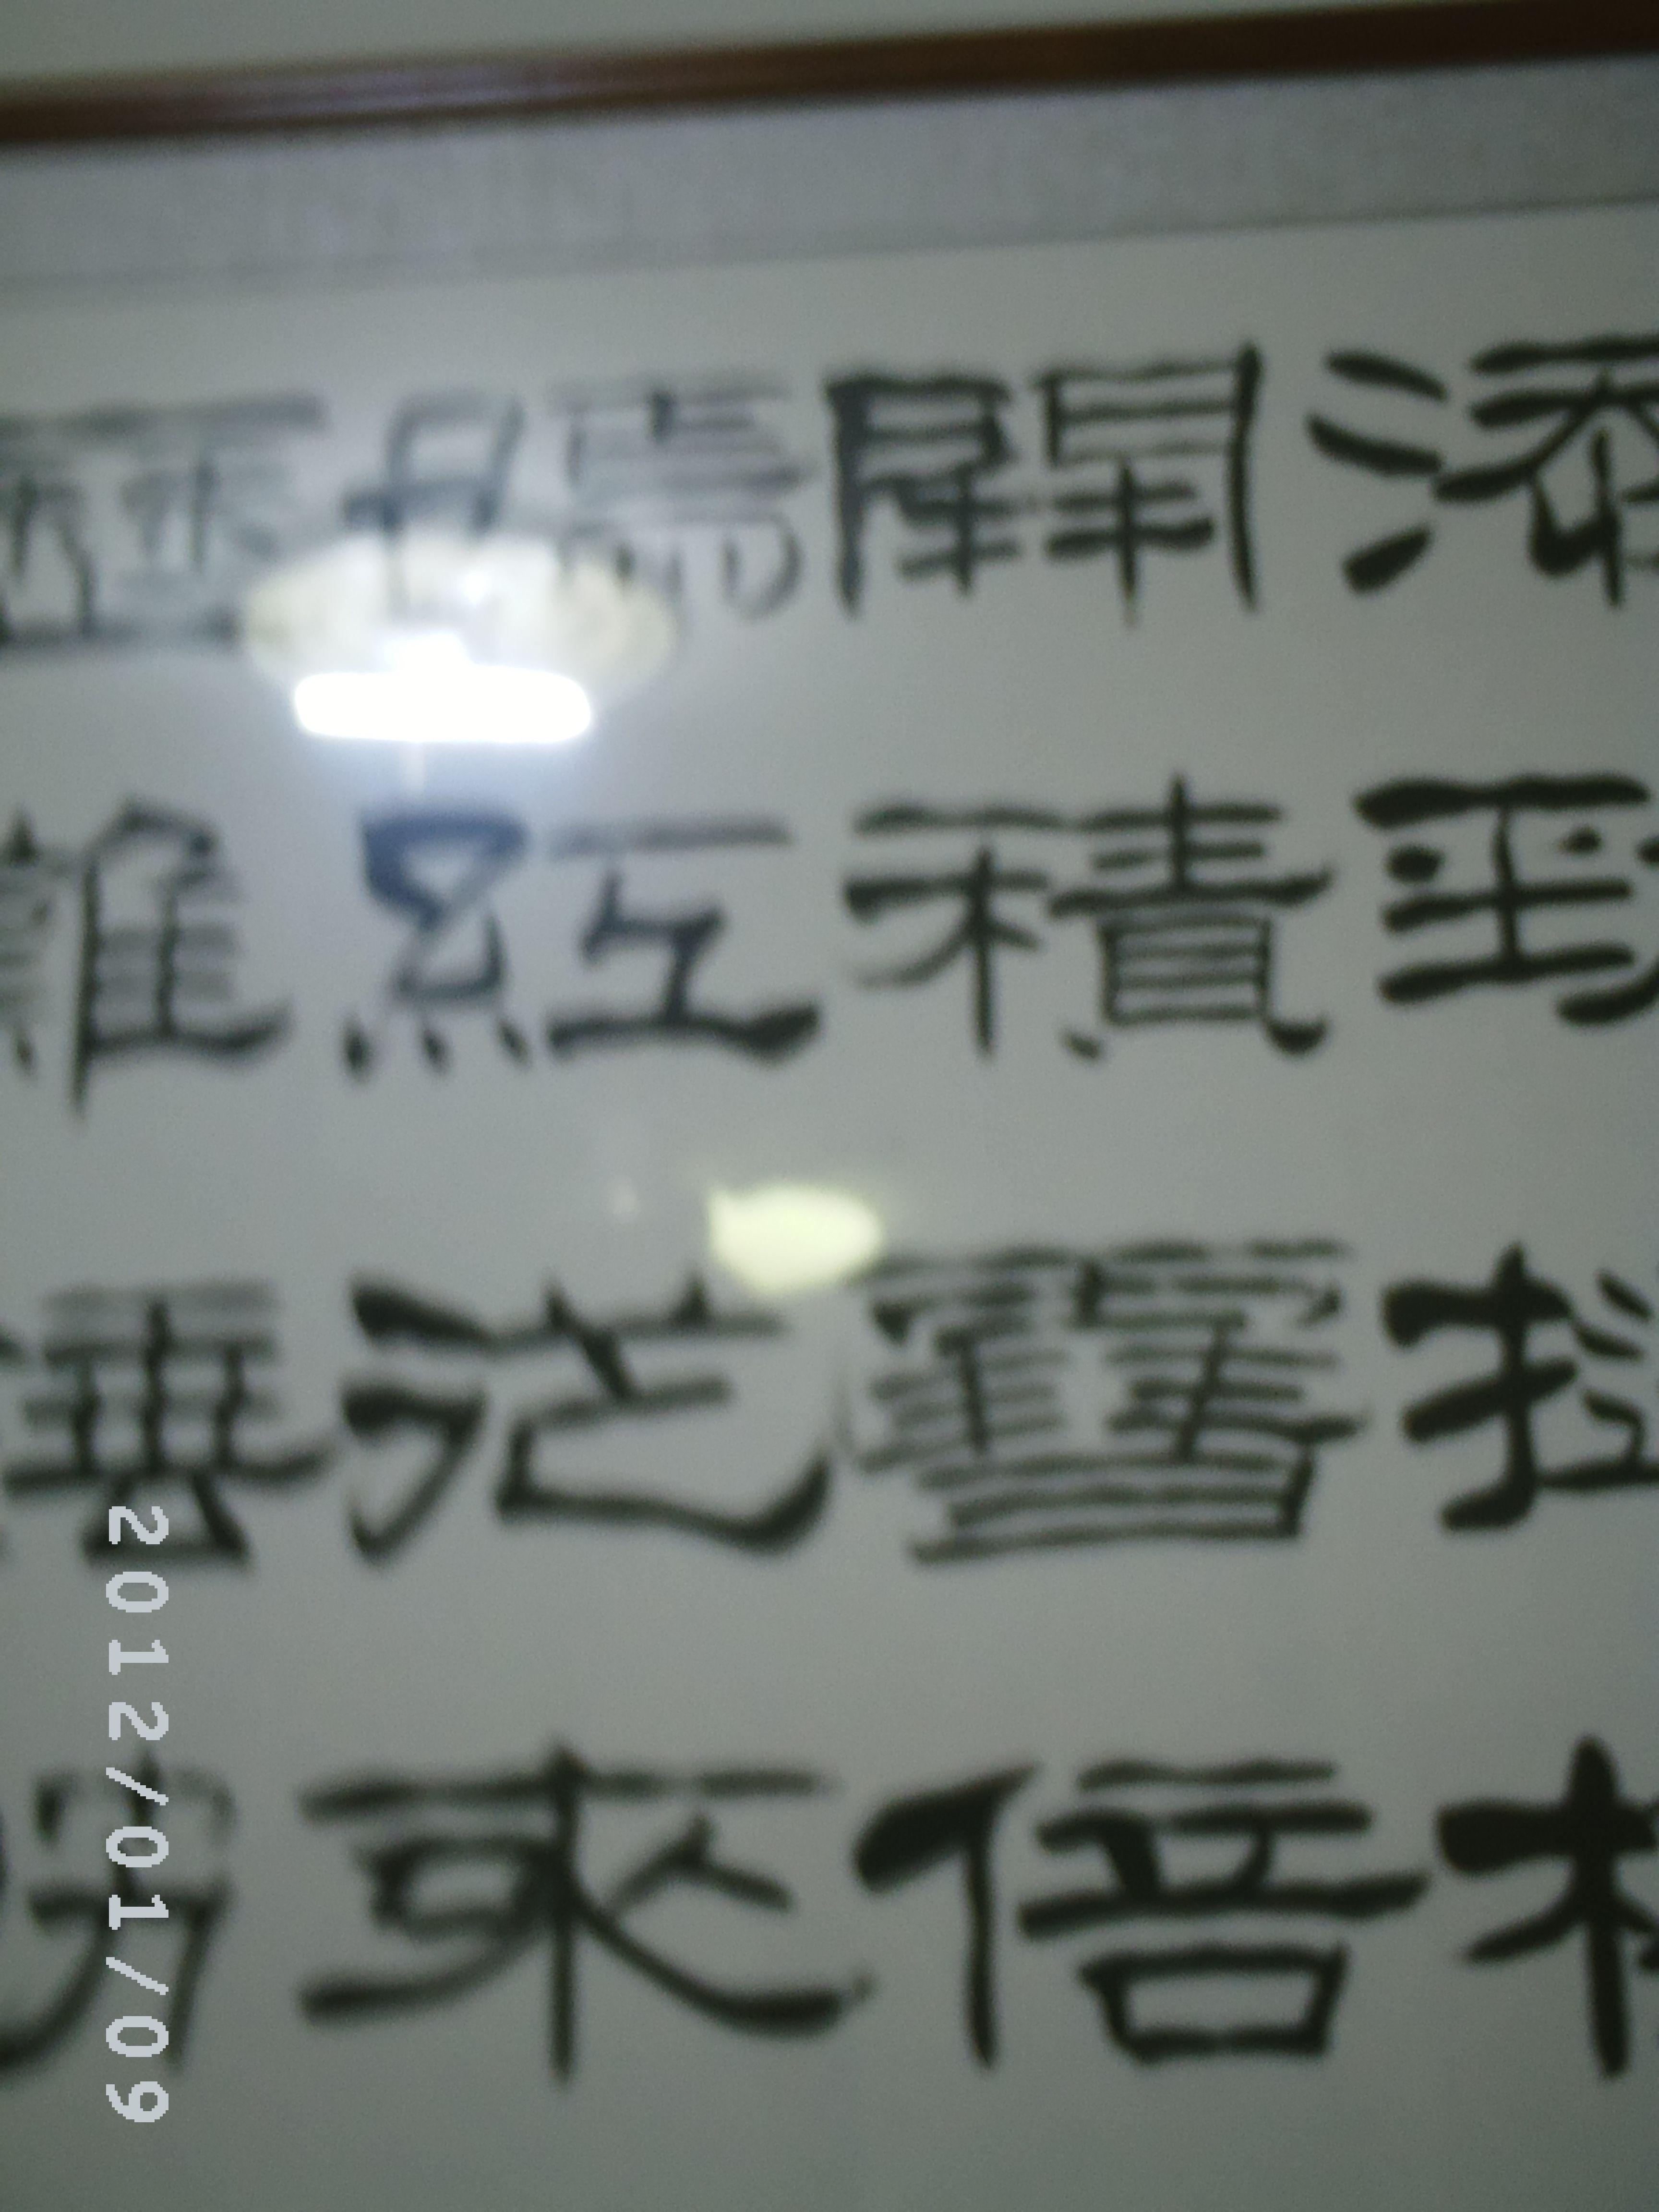 翻译繁体字 繁体字 翻译 繁体字转换器